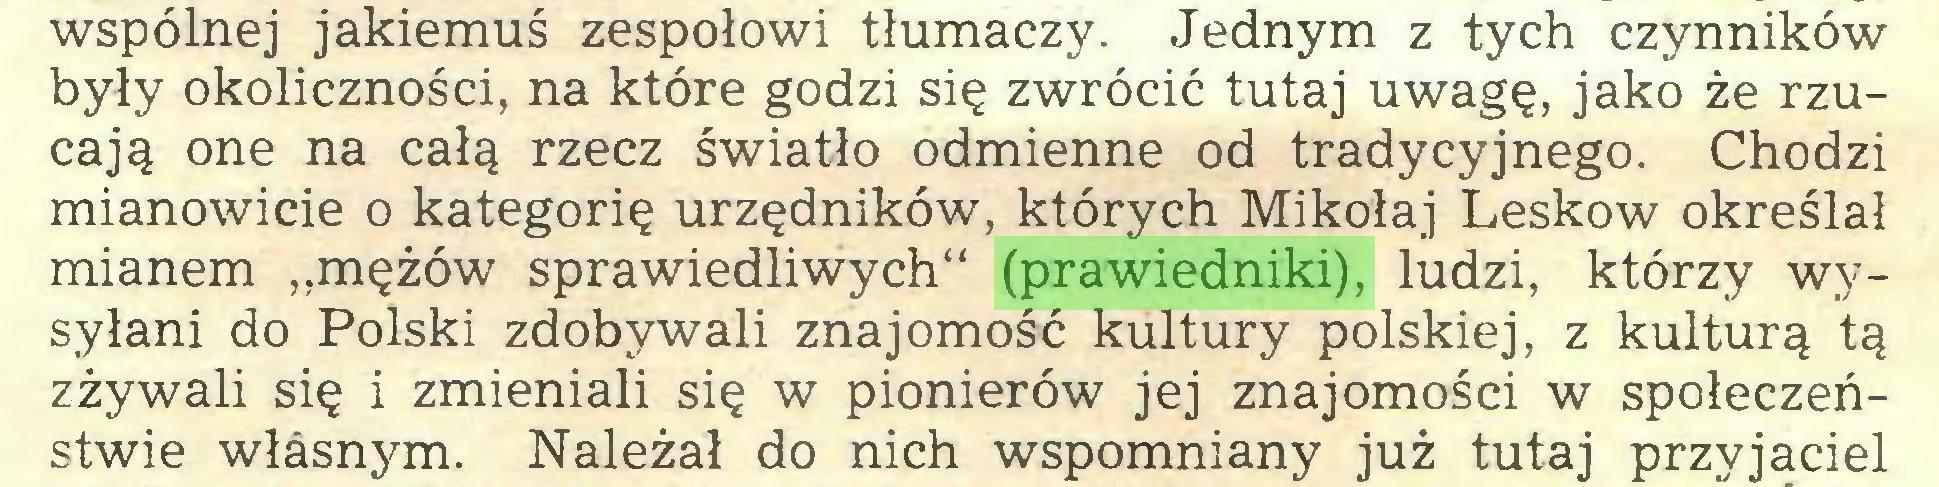 """(...) wspólnej jakiemuś zespołowi tłumaczy. Jednym z tych czynników były okoliczności, na które godzi się zwrócić tutaj uwagę, jako że rzucają one na całą rzecz światło odmienne od tradycyjnego. Chodzi mianowicie o kategorię urzędników, których Mikołaj Leskow określał mianem """"mężów sprawiedliwych"""" (prawiedniki), ludzi, którzy wysyłani do Polski zdobywali znajomość kultury polskiej, z kulturą tą zżywali się i zmieniali się w pionierów jej znajomości w społeczeństwie własnym. Należał do nich wspomniany już tutaj przyjaciel..."""